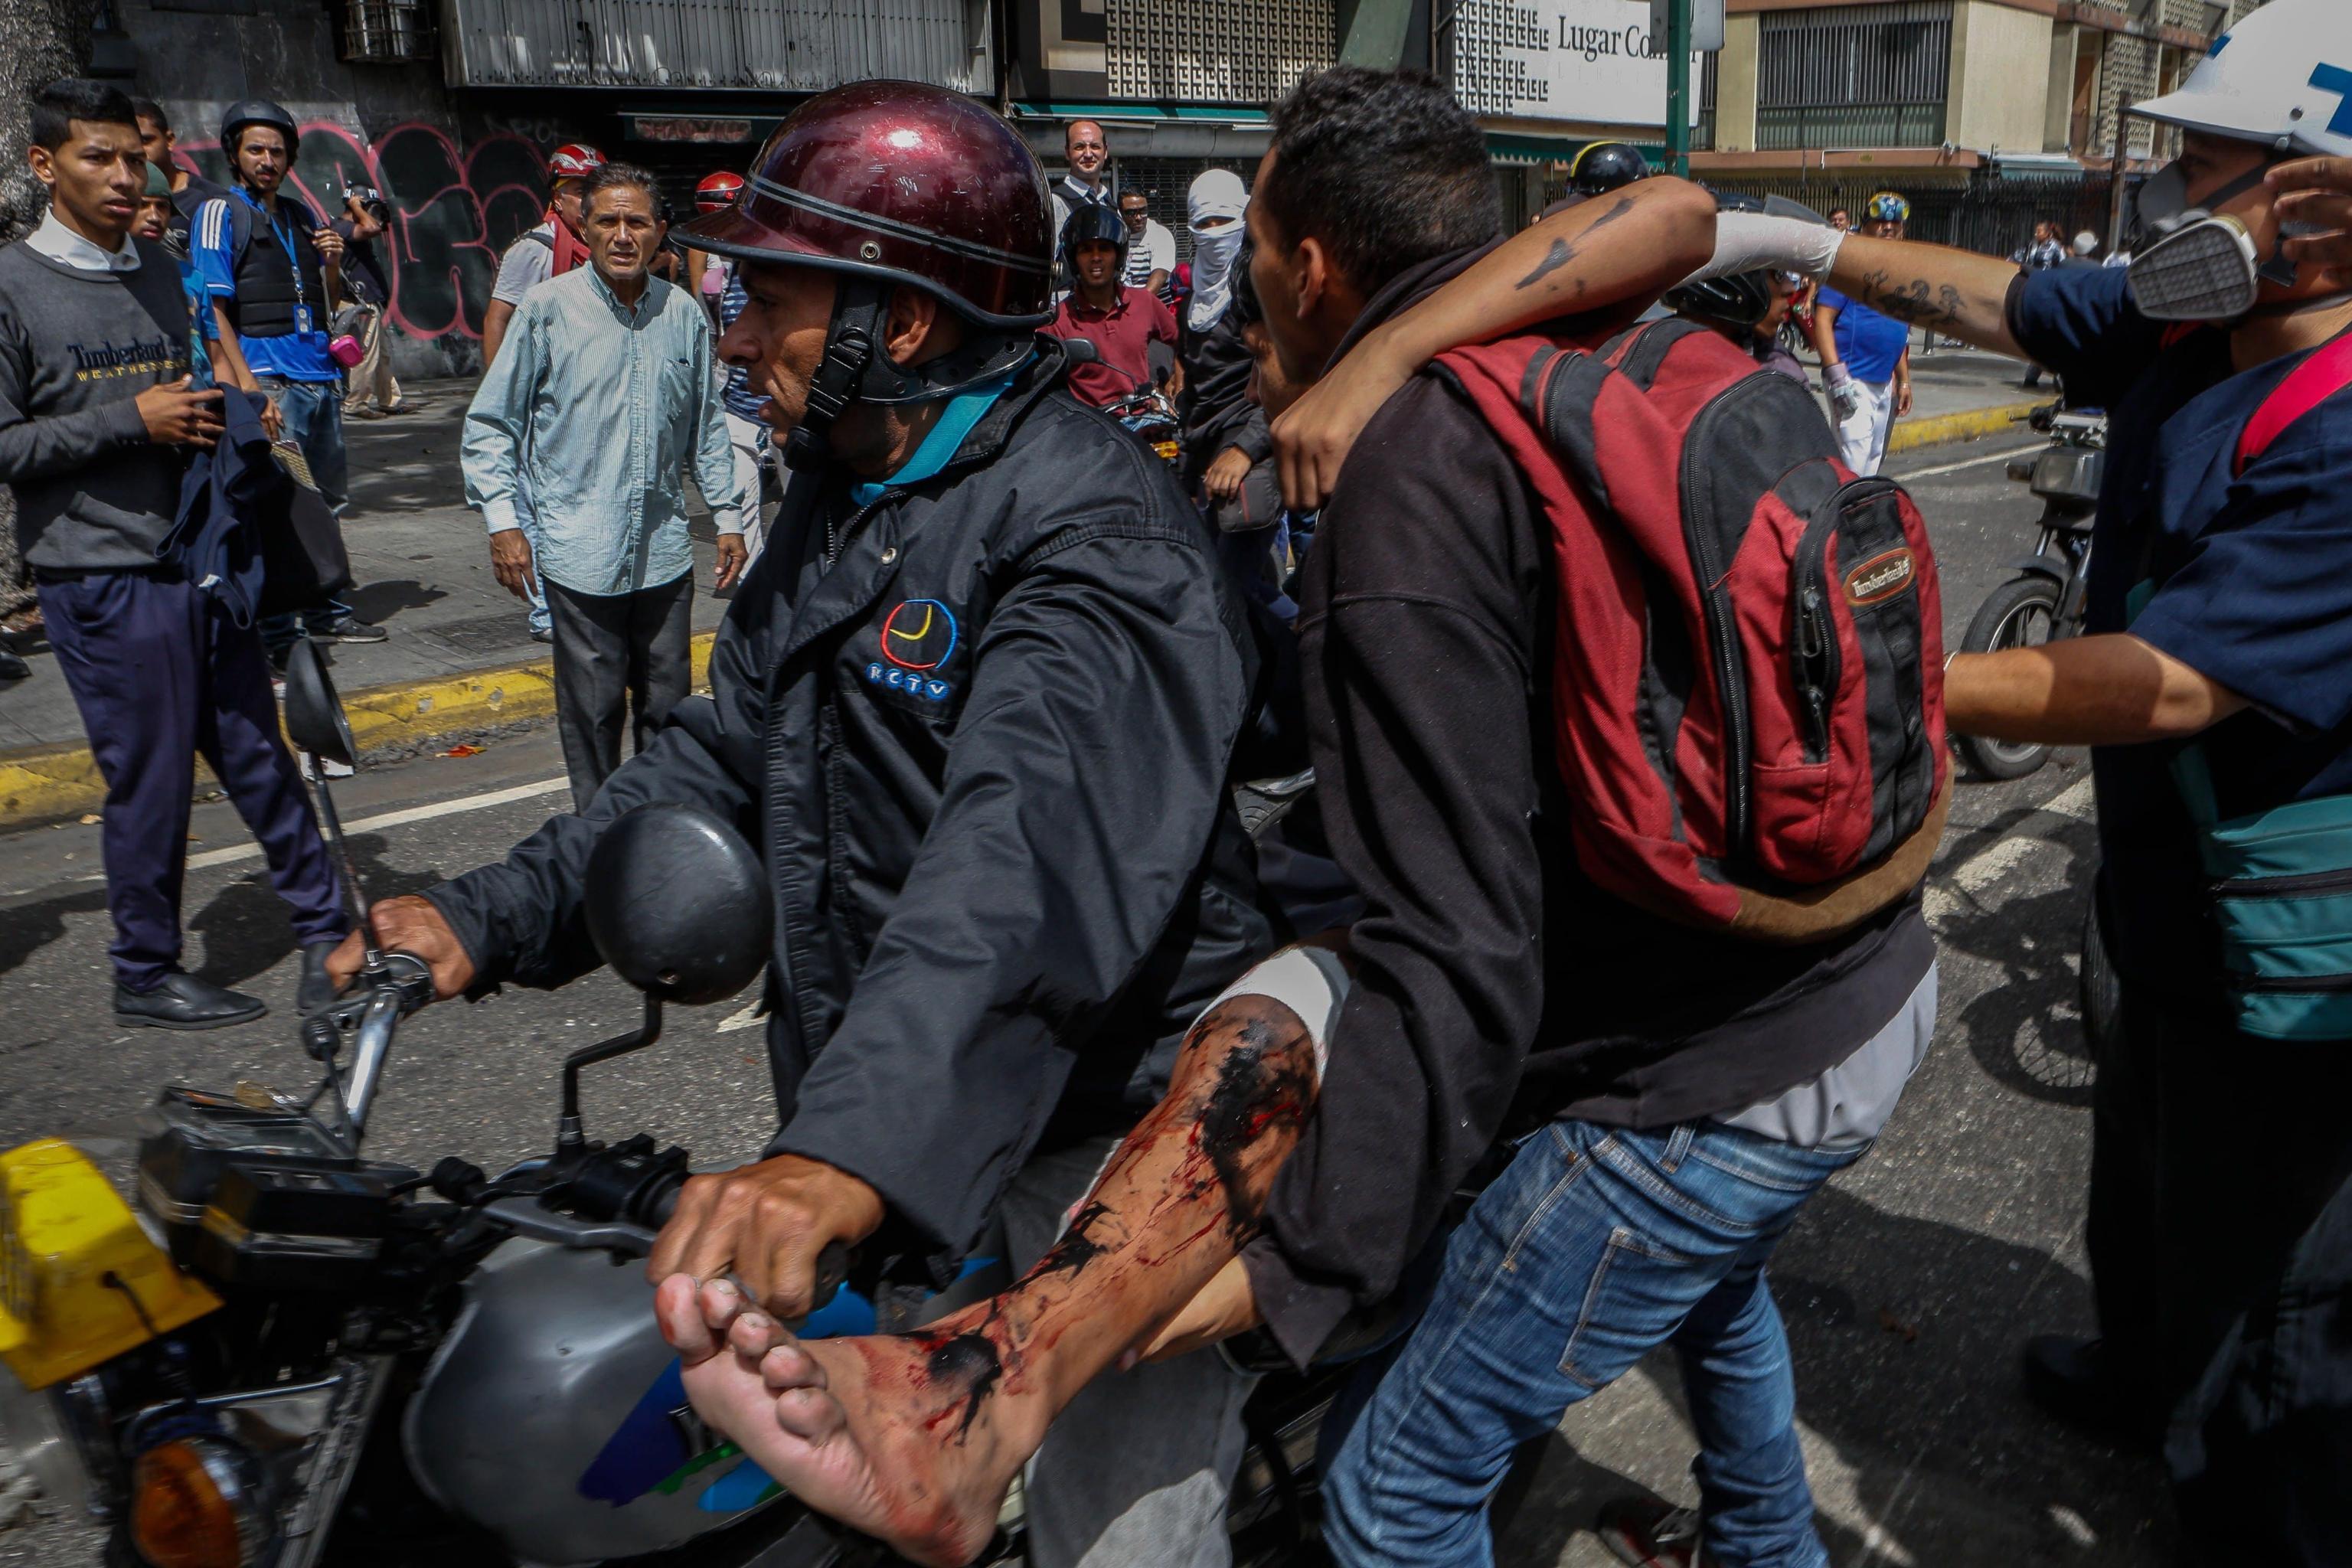 Protest broken up in east Caracas